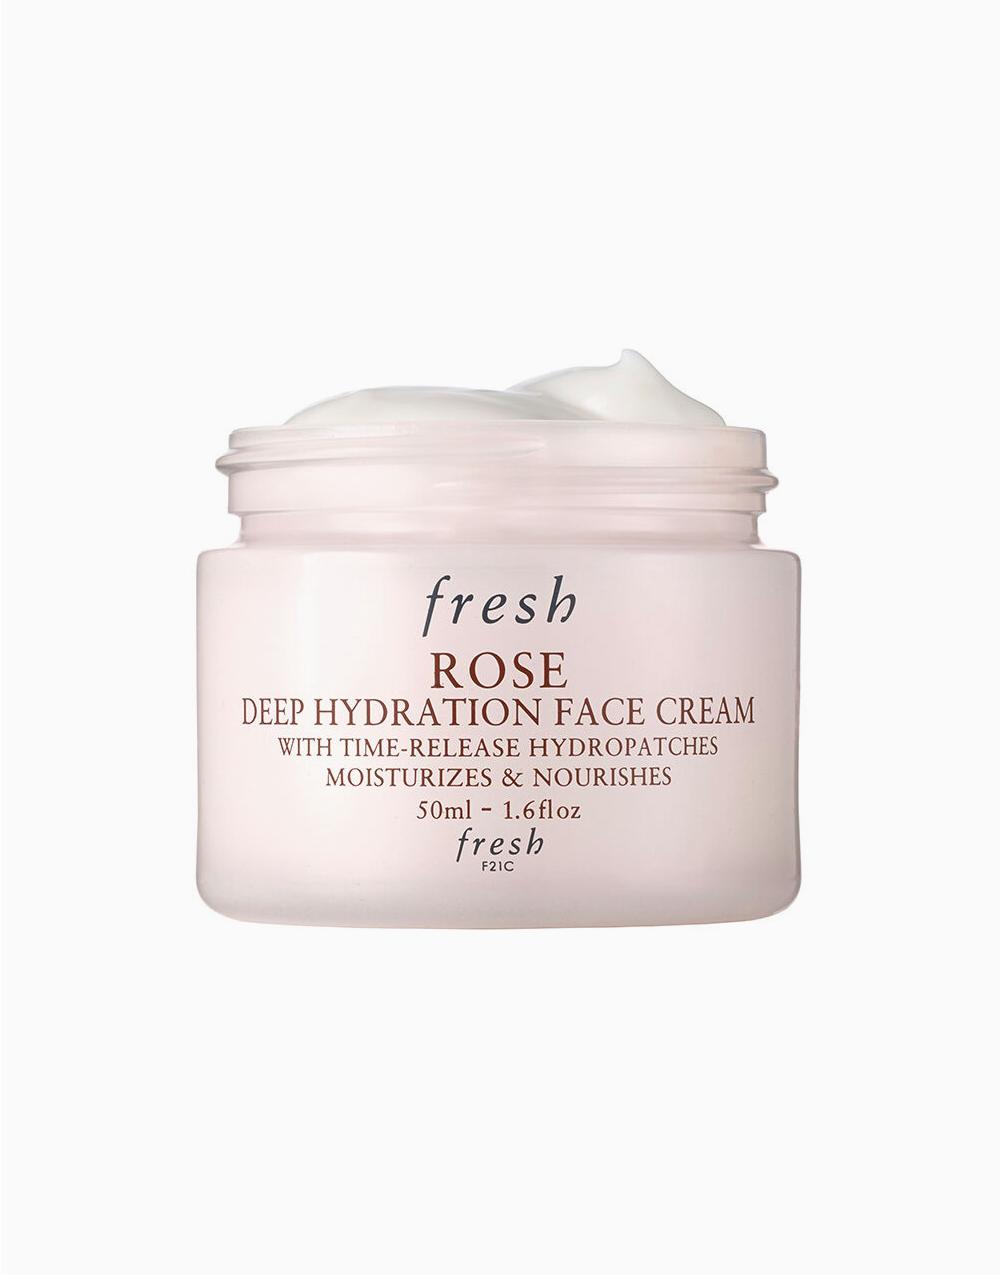 Rose Deep Hydration Cream by Fresh®